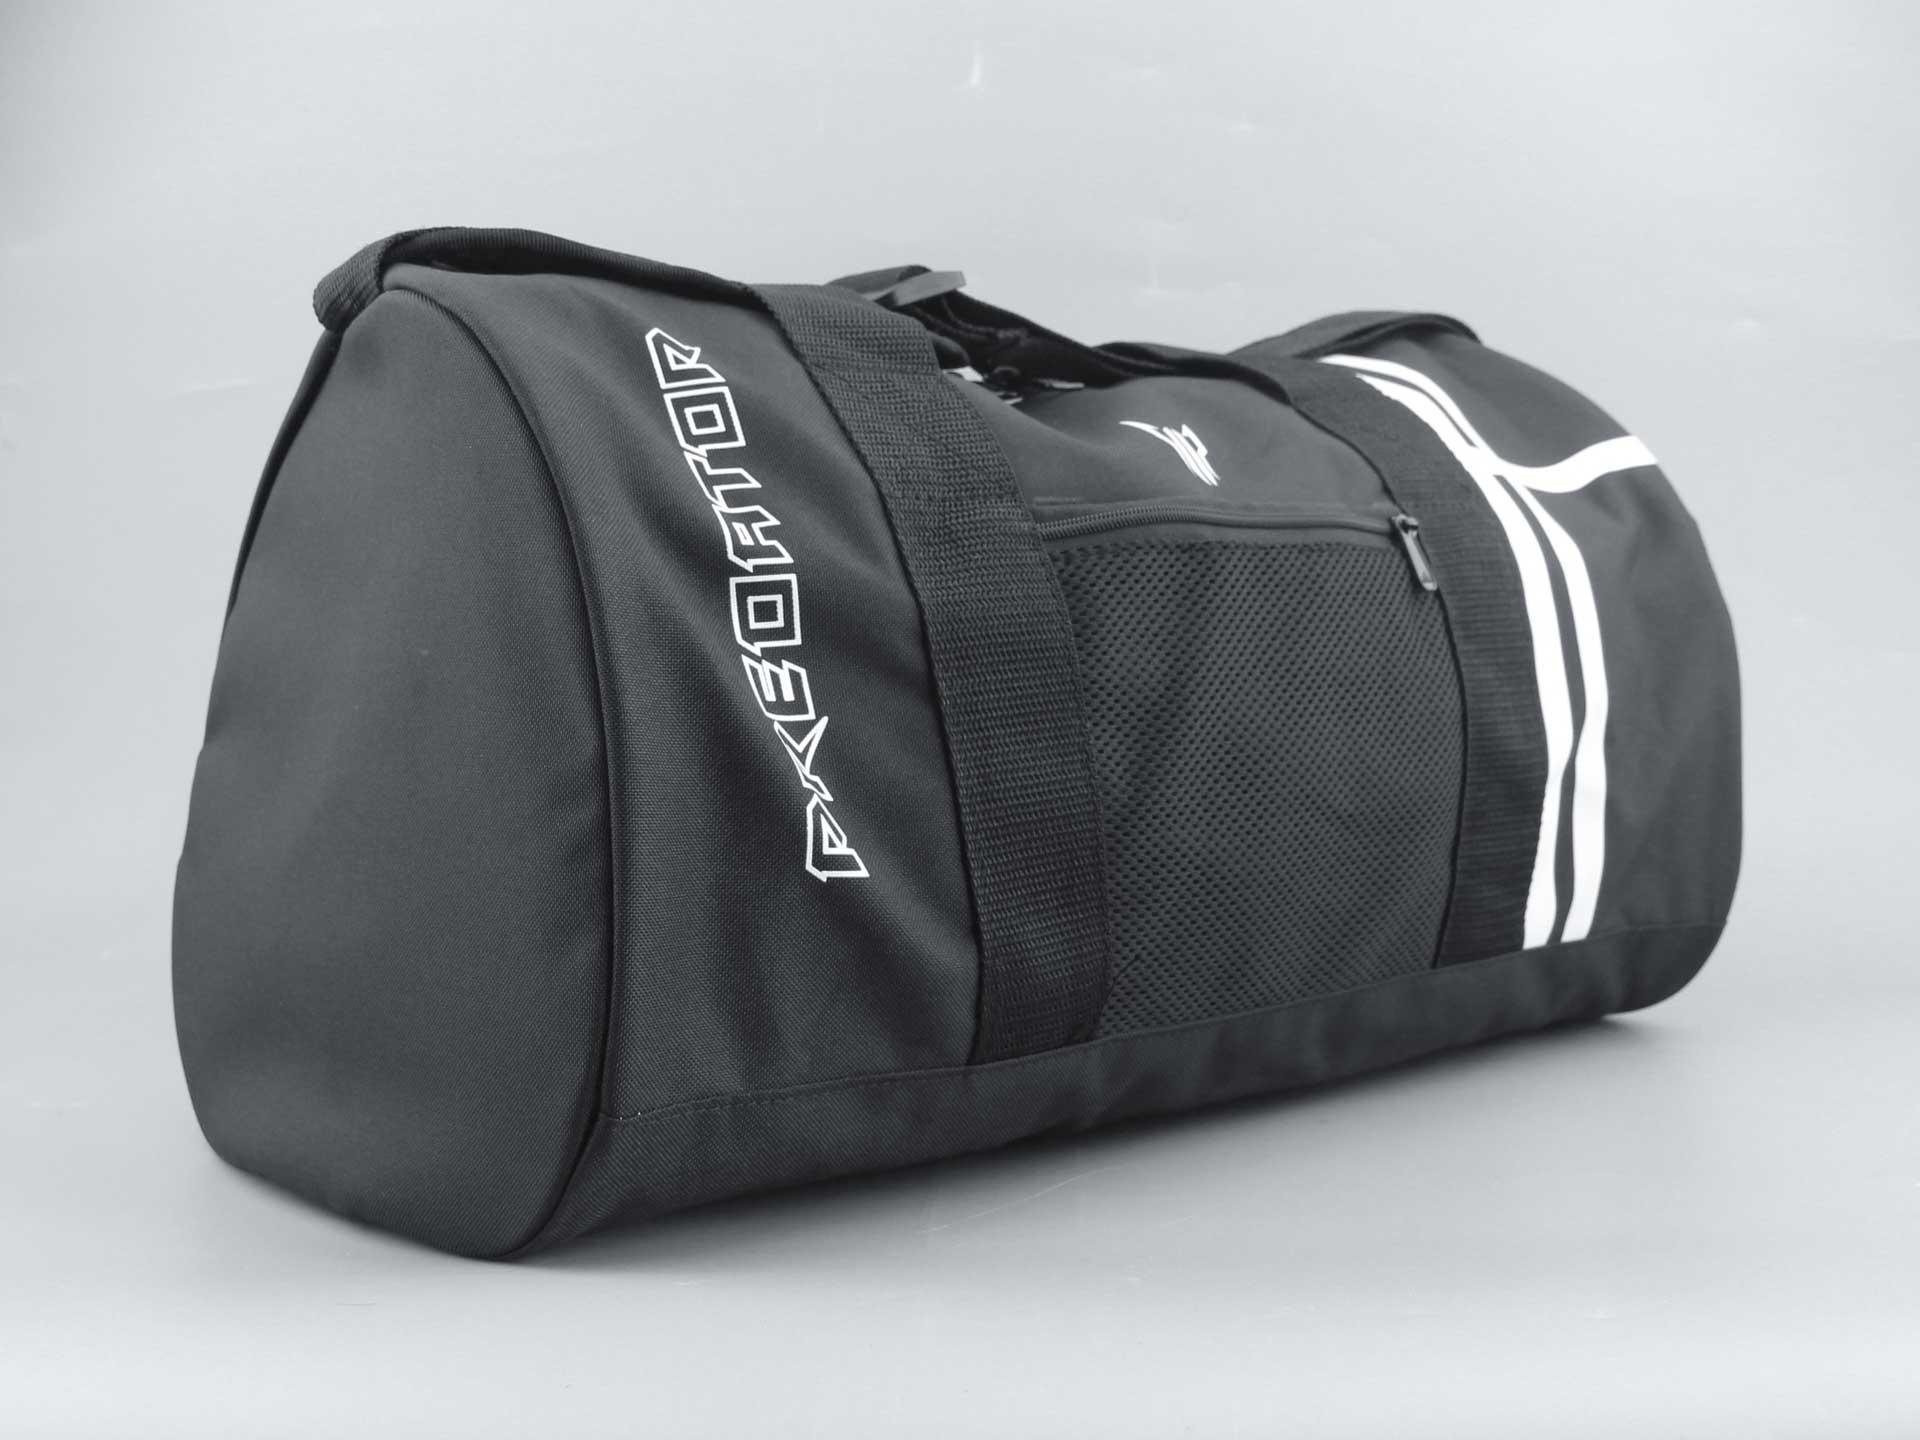 Túi đựng giày thể thao - Túi trống